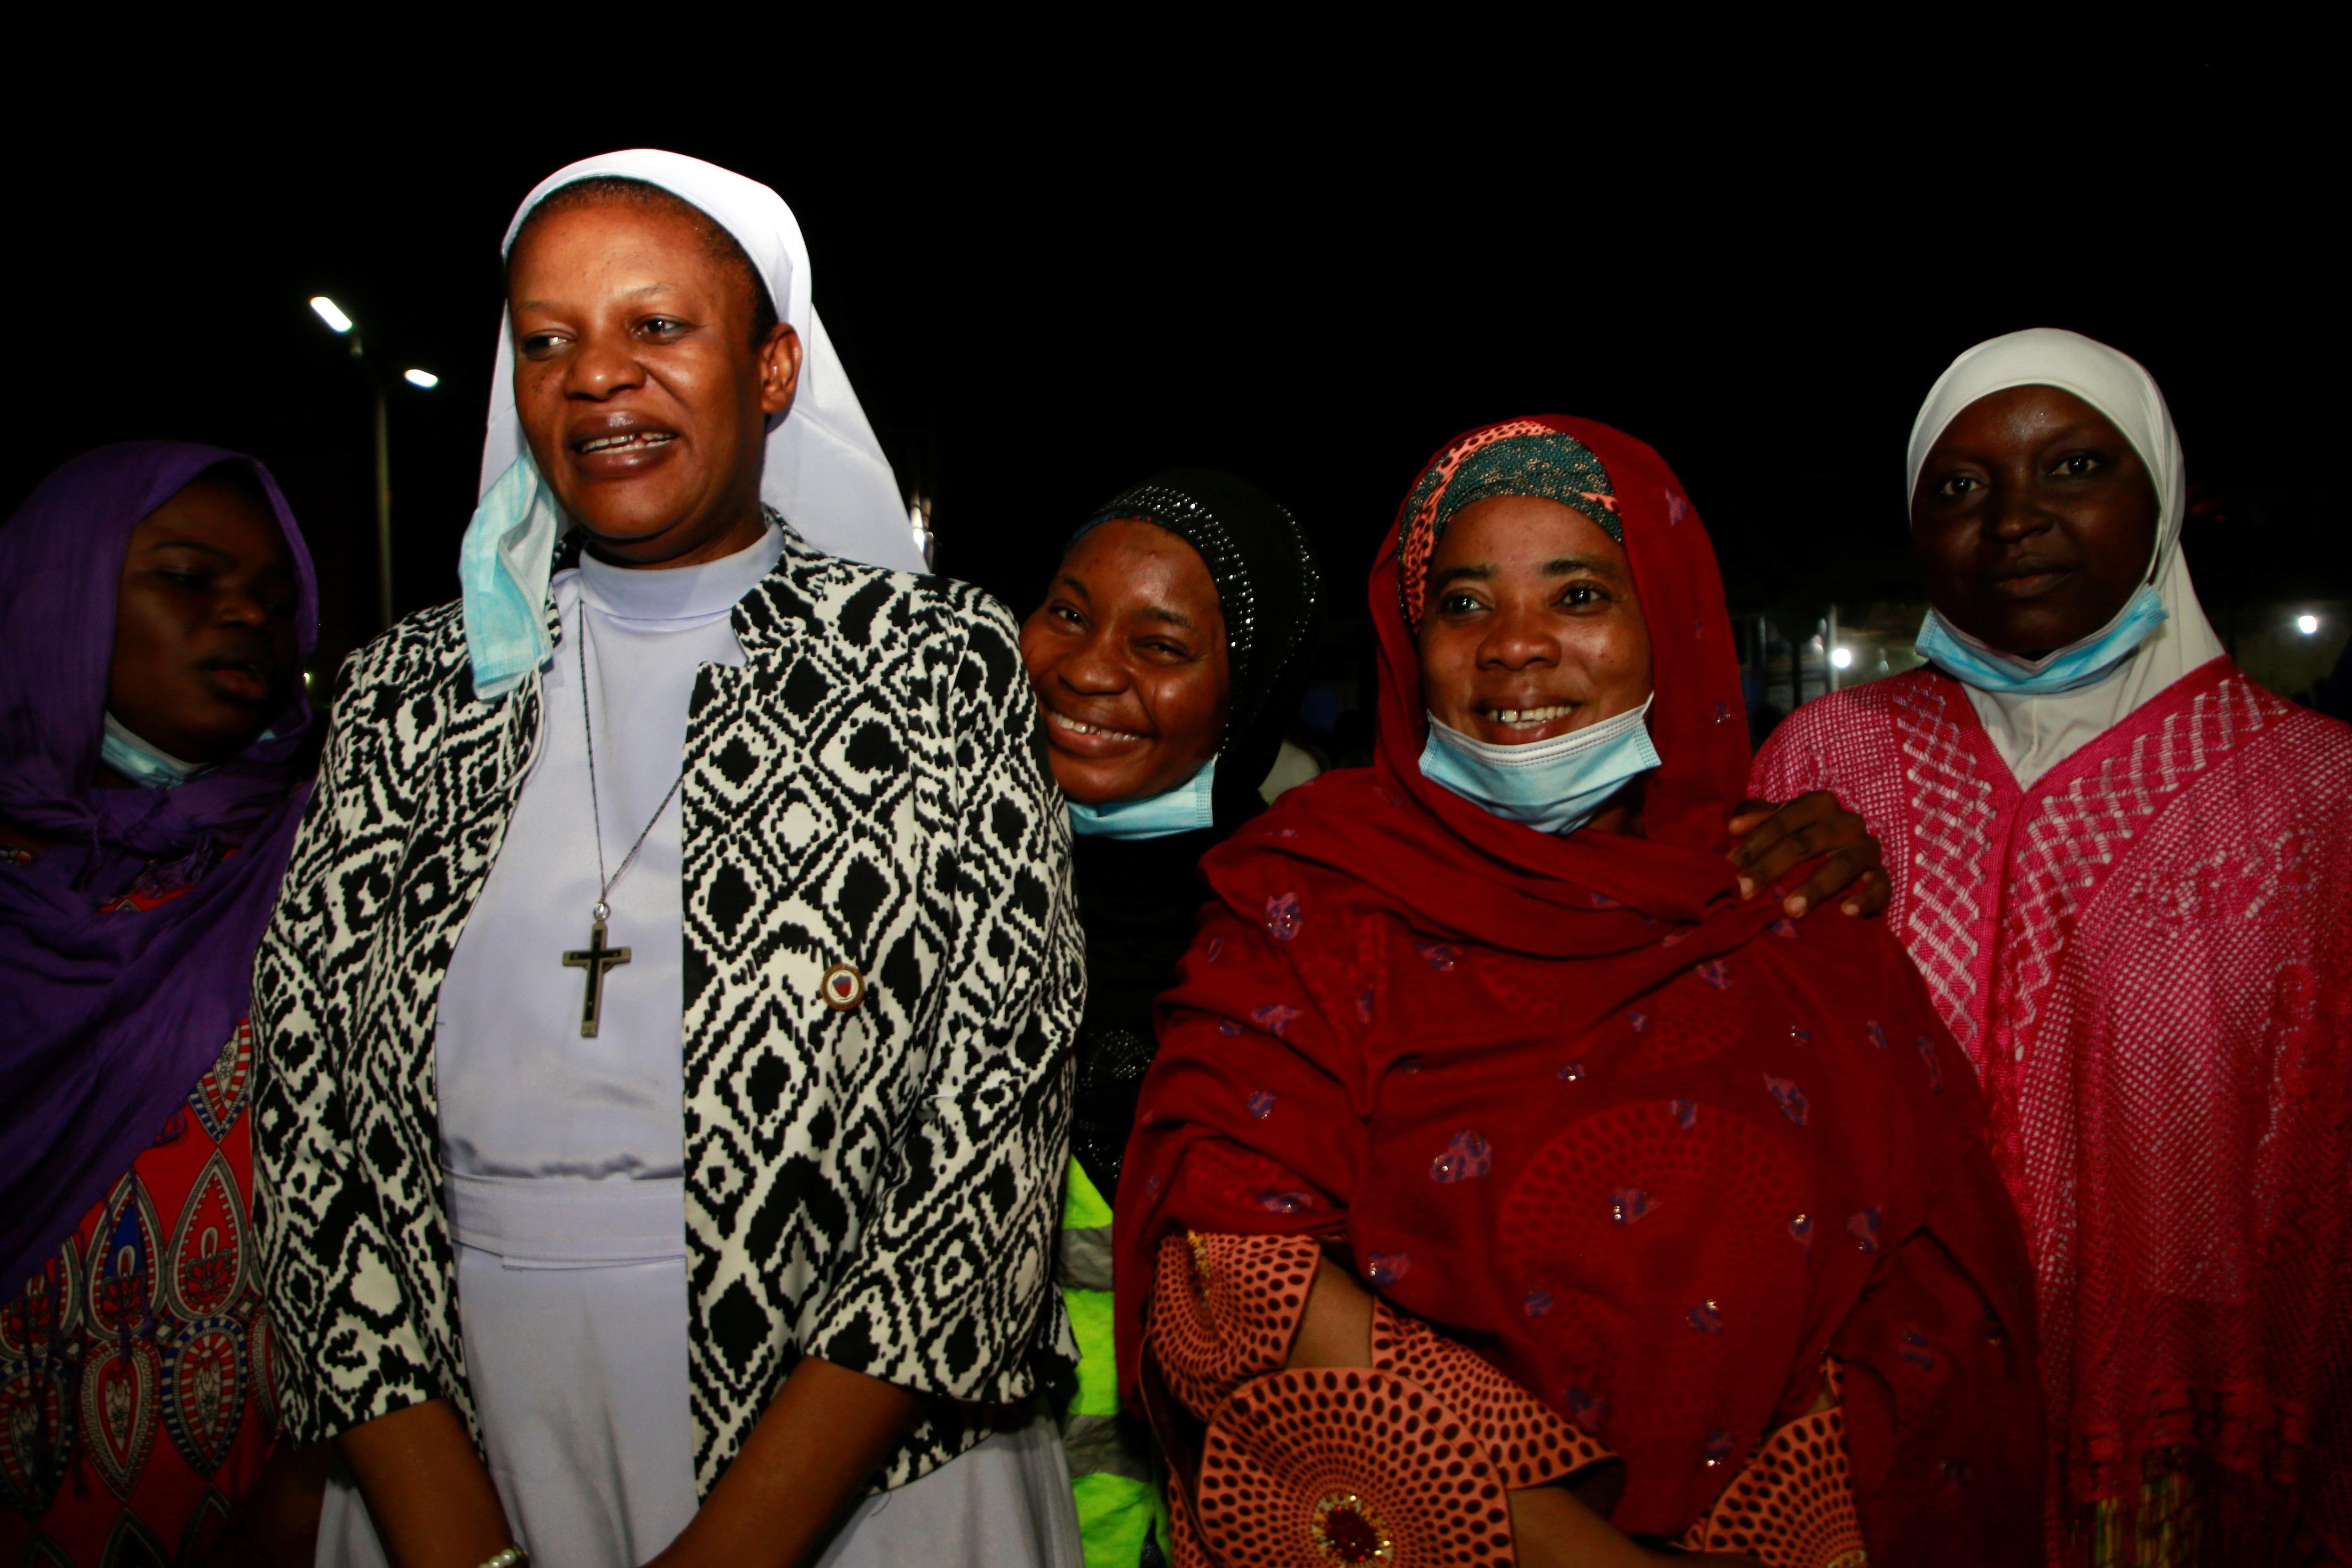 Una monja de la Fundación Cardenal Onaiyekan por la Paz junto a mujeres musulmanas.  REUTERS / Afolabi Sotunde